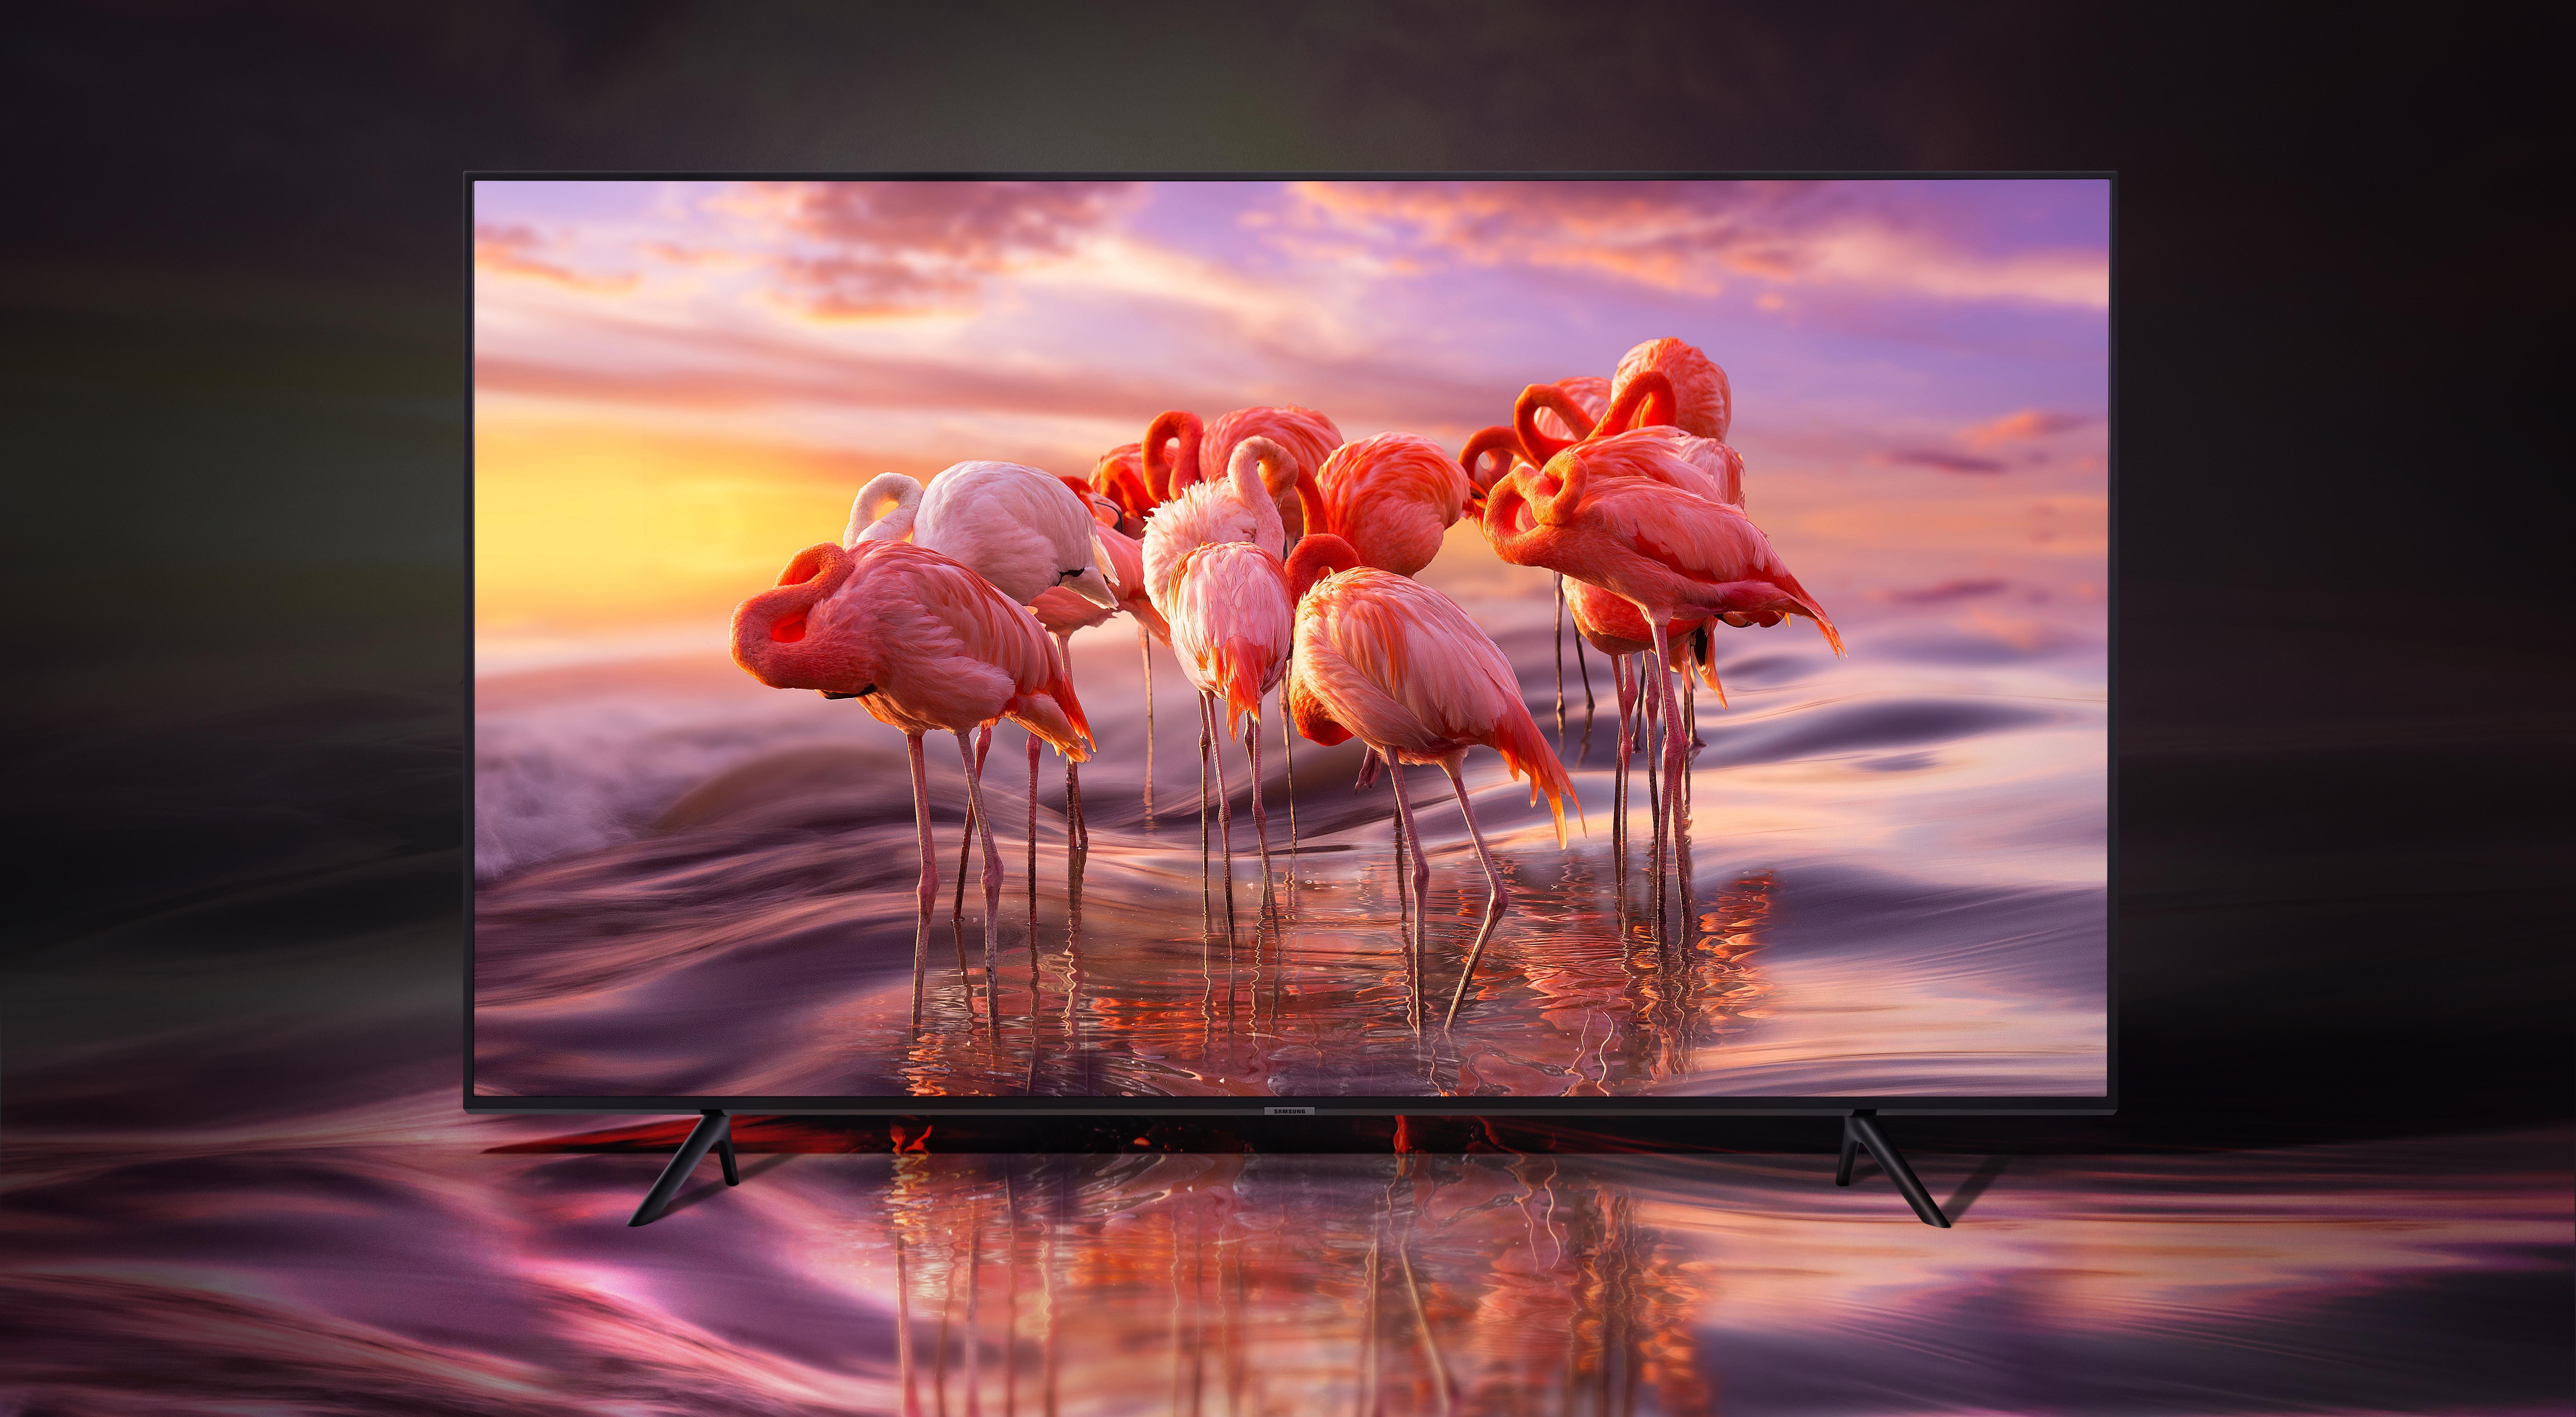 Samsung S 4k Q70r Qled 5k Retina Ultra Hd Wallpaper Background Image 7087x3898 Id 1086483 Wallpaper Abyss